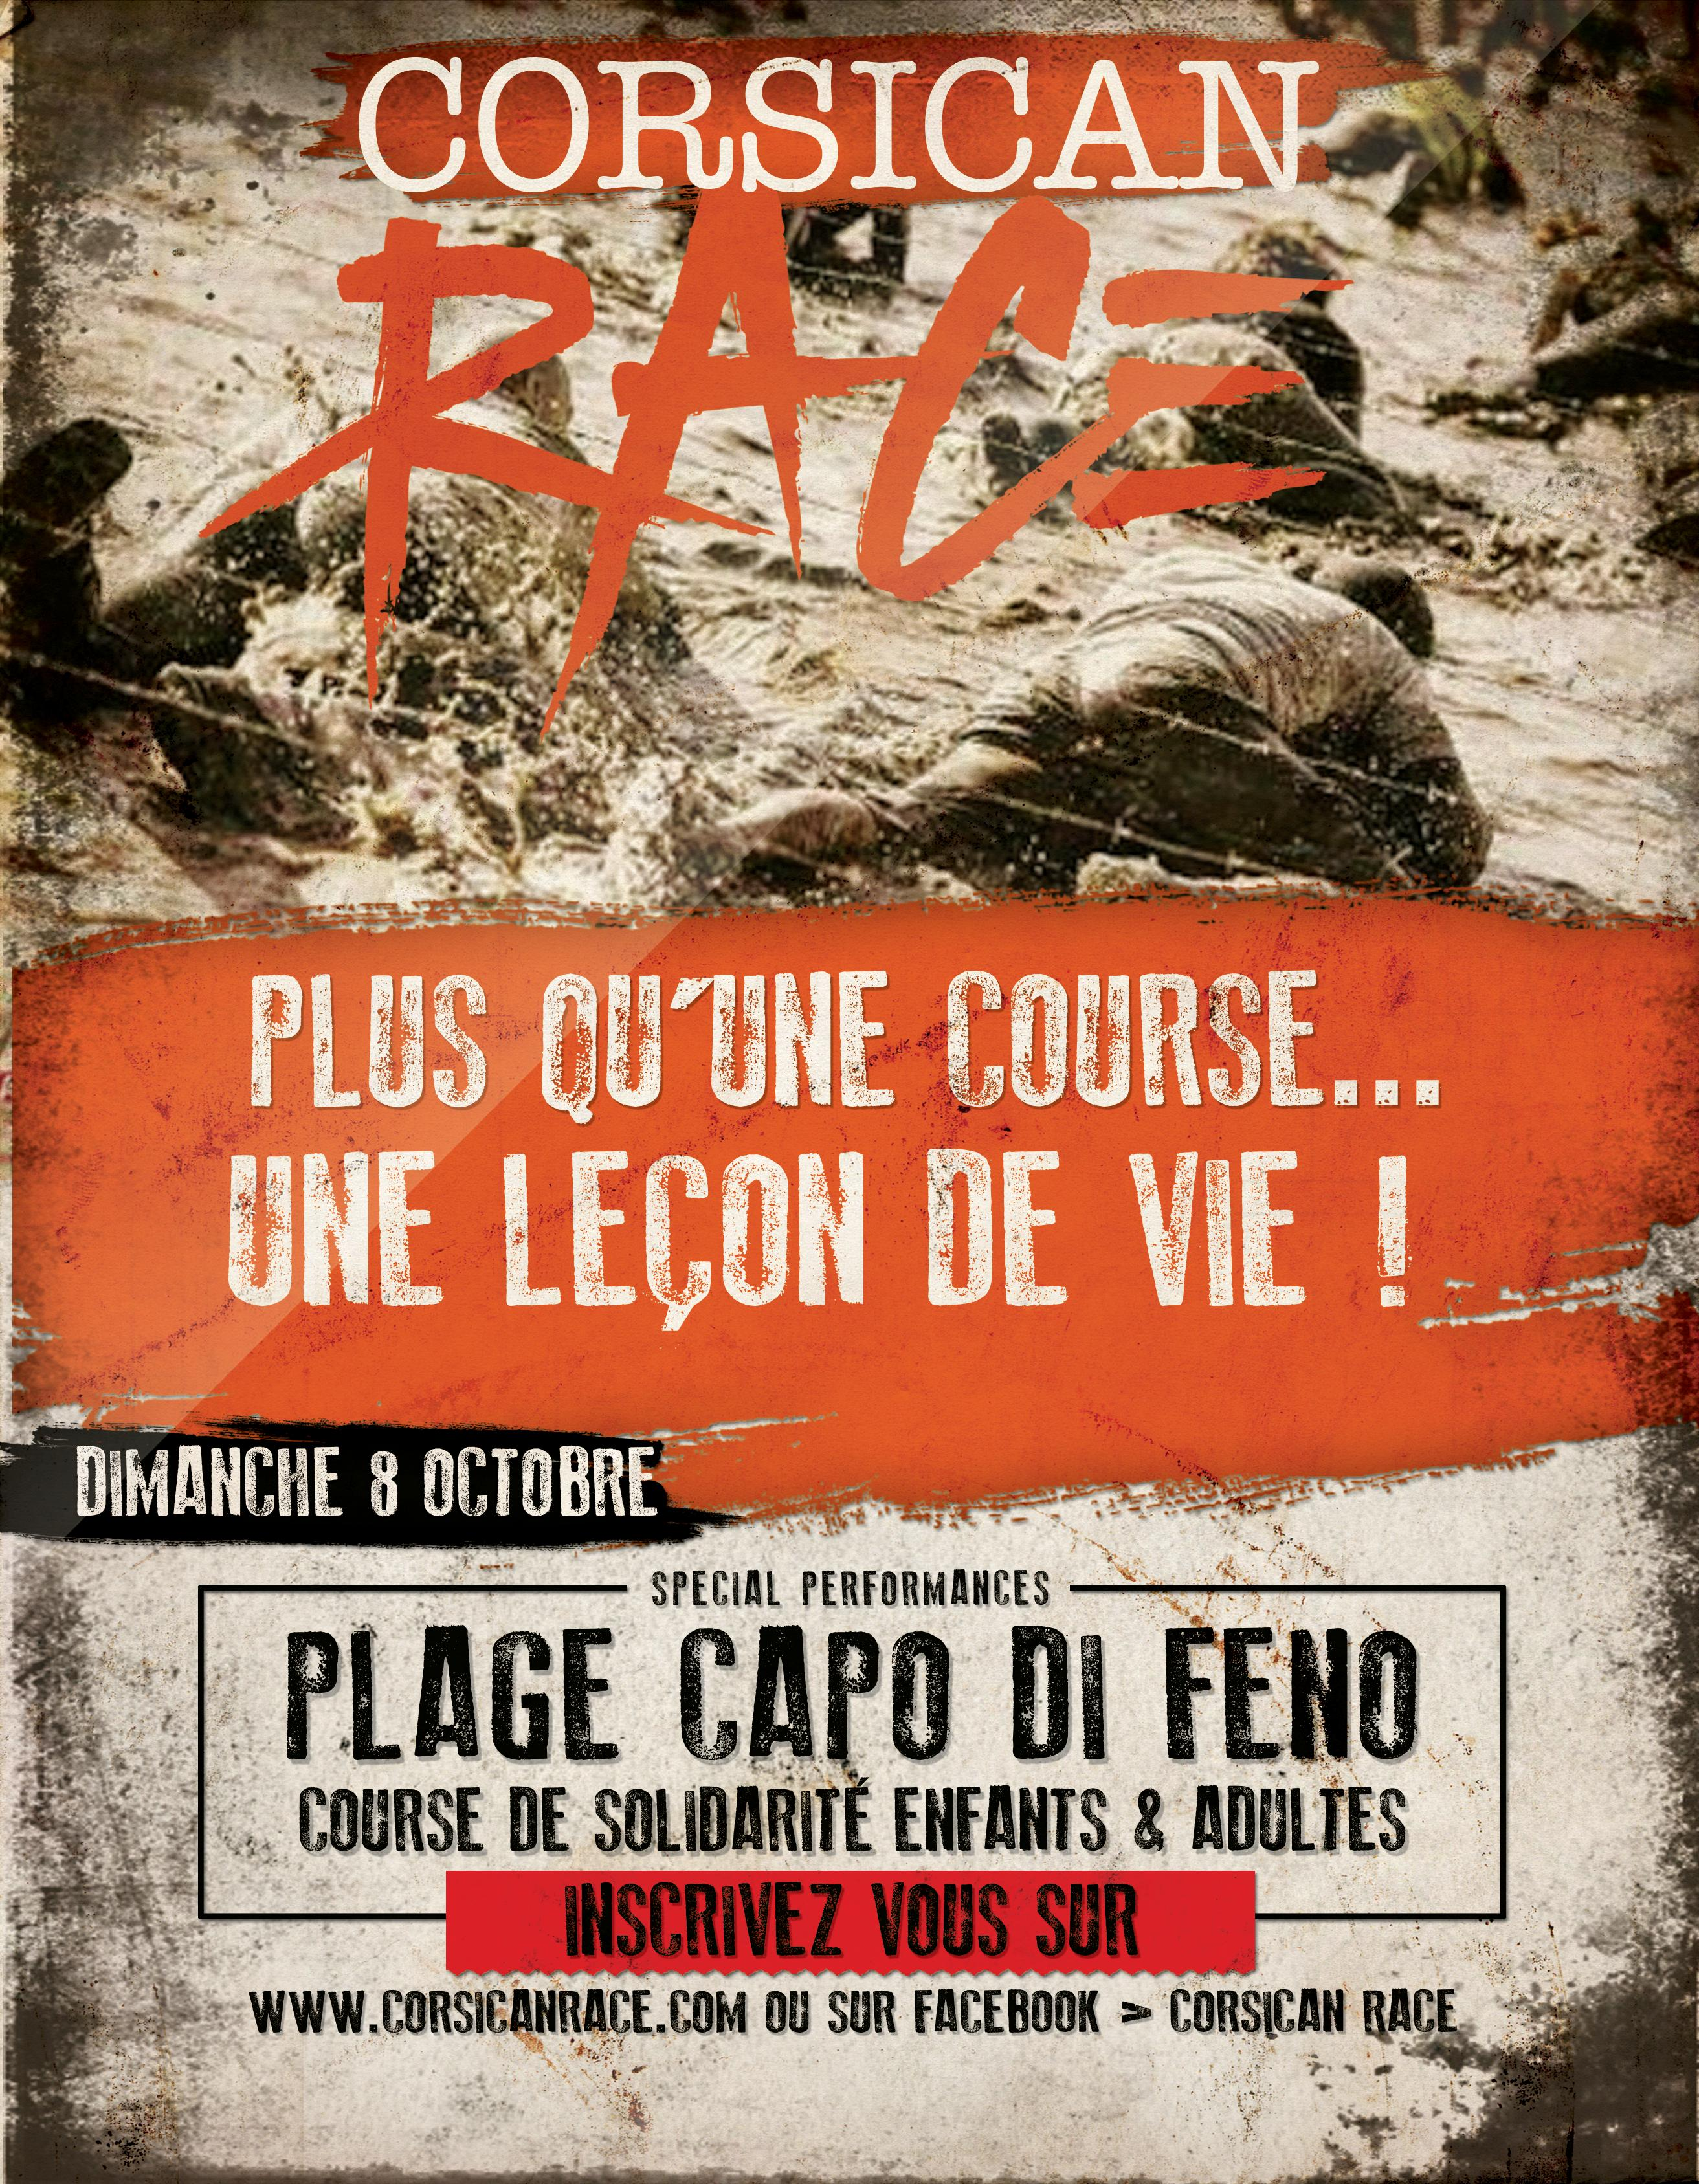 Corsican Race 2017 dimanche 8 octobre Site de Capu di Fenu